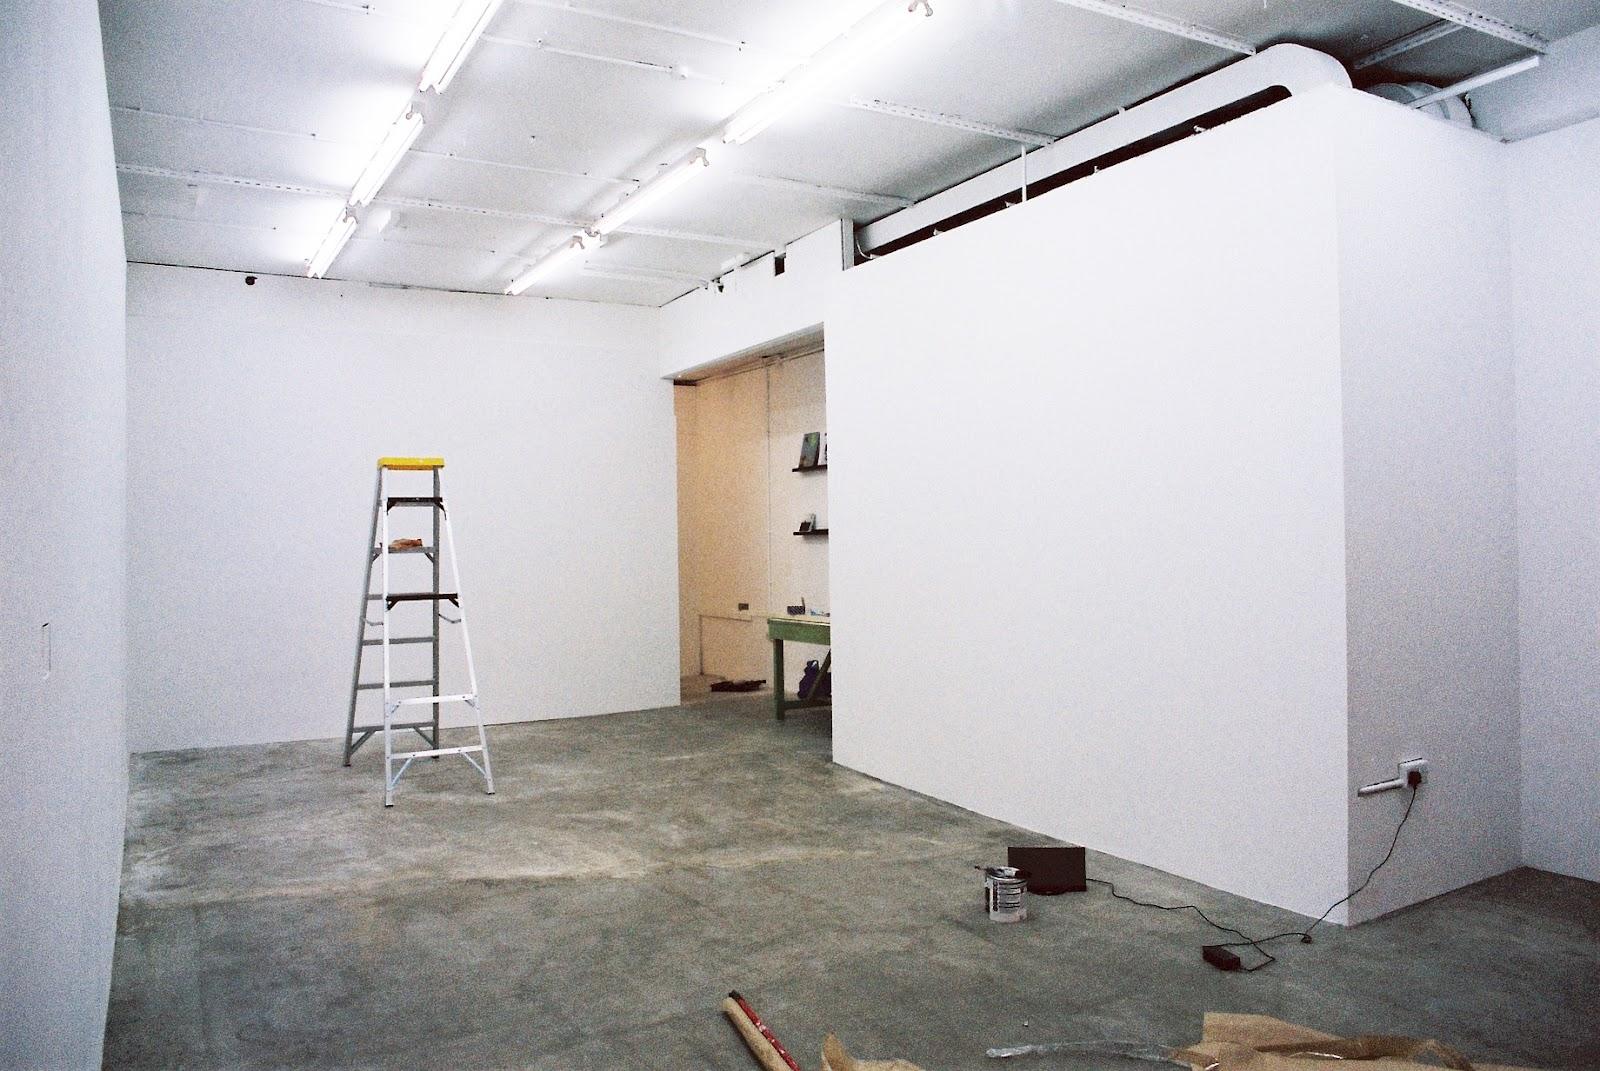 http://1.bp.blogspot.com/-d-StTV_hp-Q/T3xedXjHI5I/AAAAAAAAE3Q/9OOWUKwyOZ4/s1600/galeria_em_construcao__.jpg